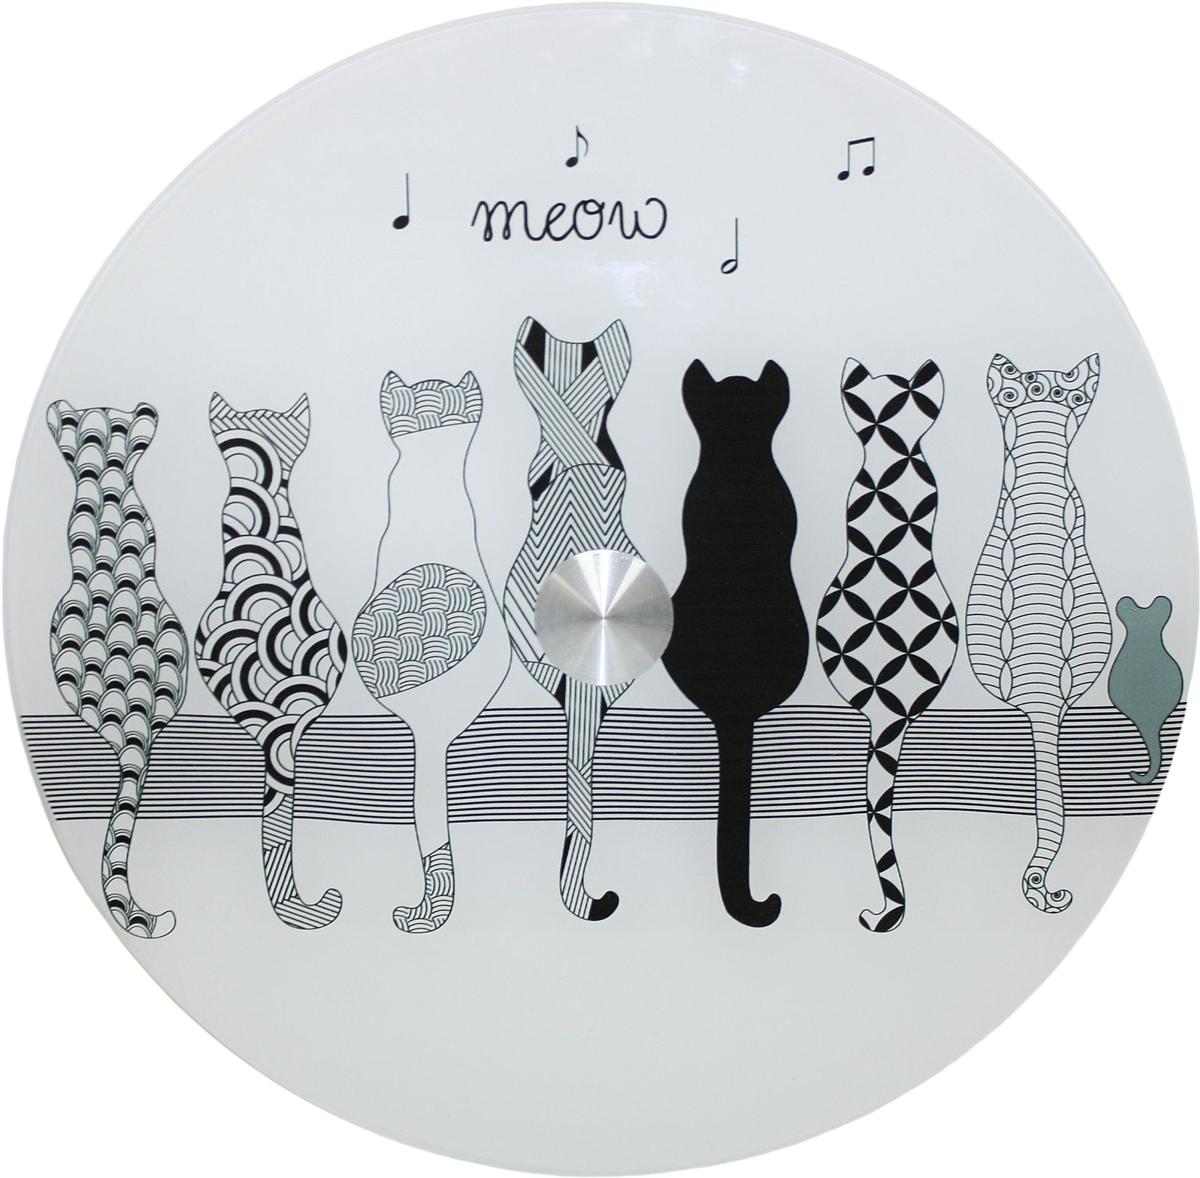 Блюдо Vellarti Мяу, вращающееся, диаметр 30 см. 21700262170026Вращающееся блюдо D 30см. Материал: стекло на вращающейся подставке в подарочной упаковке.